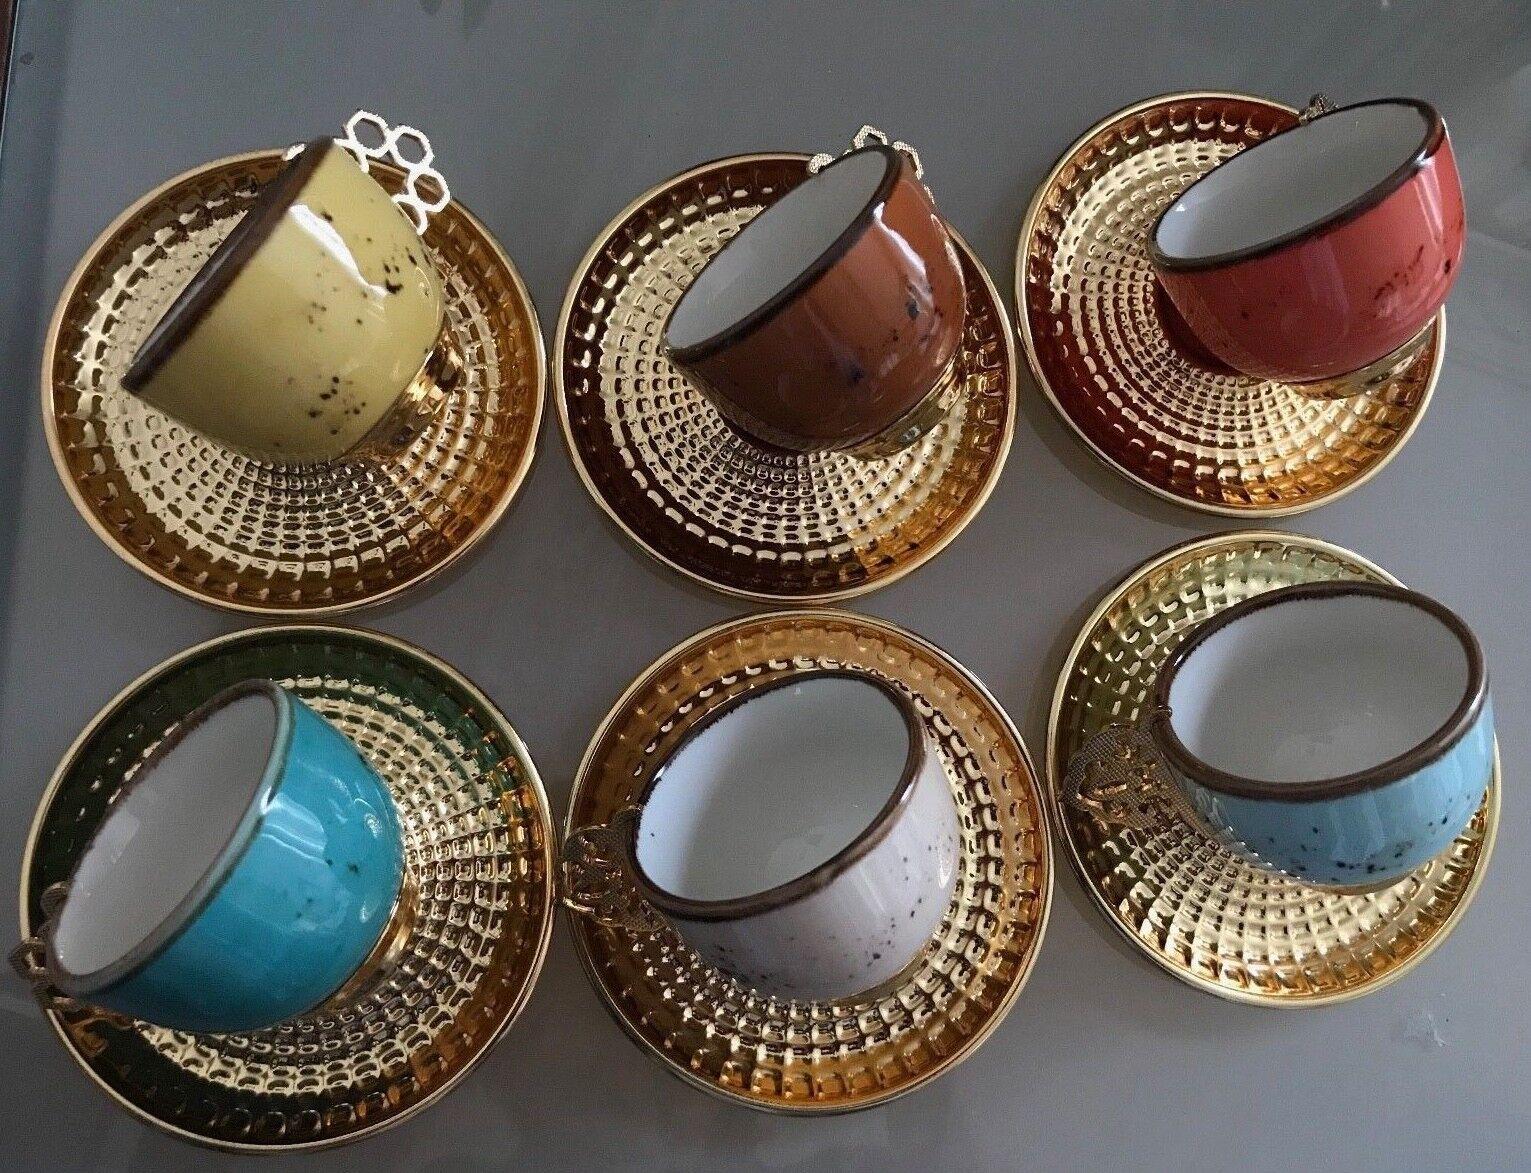 Caffè turco NESCAFE Set (6) COPPA IN VETRO oro in ottone Palazzo rimovibile TITOLARE